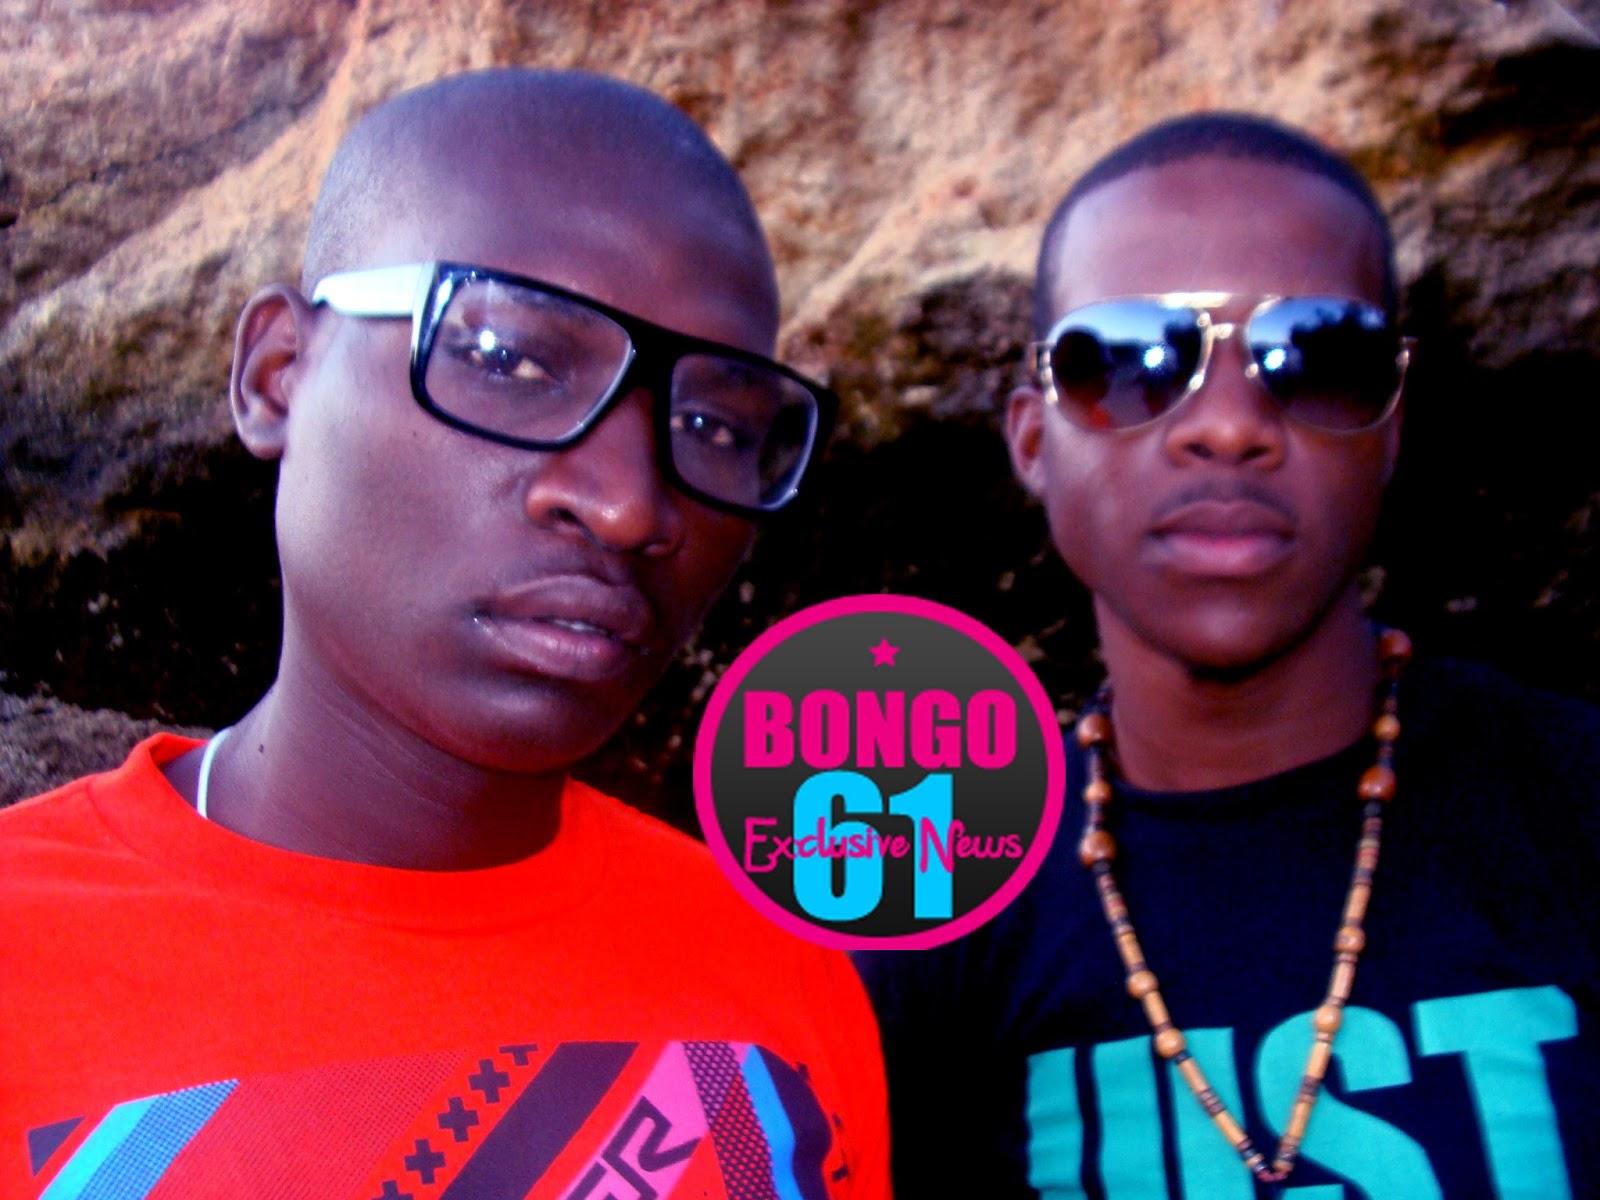 Picha: Tazama picha kutoka fans wa Bongo Snaps